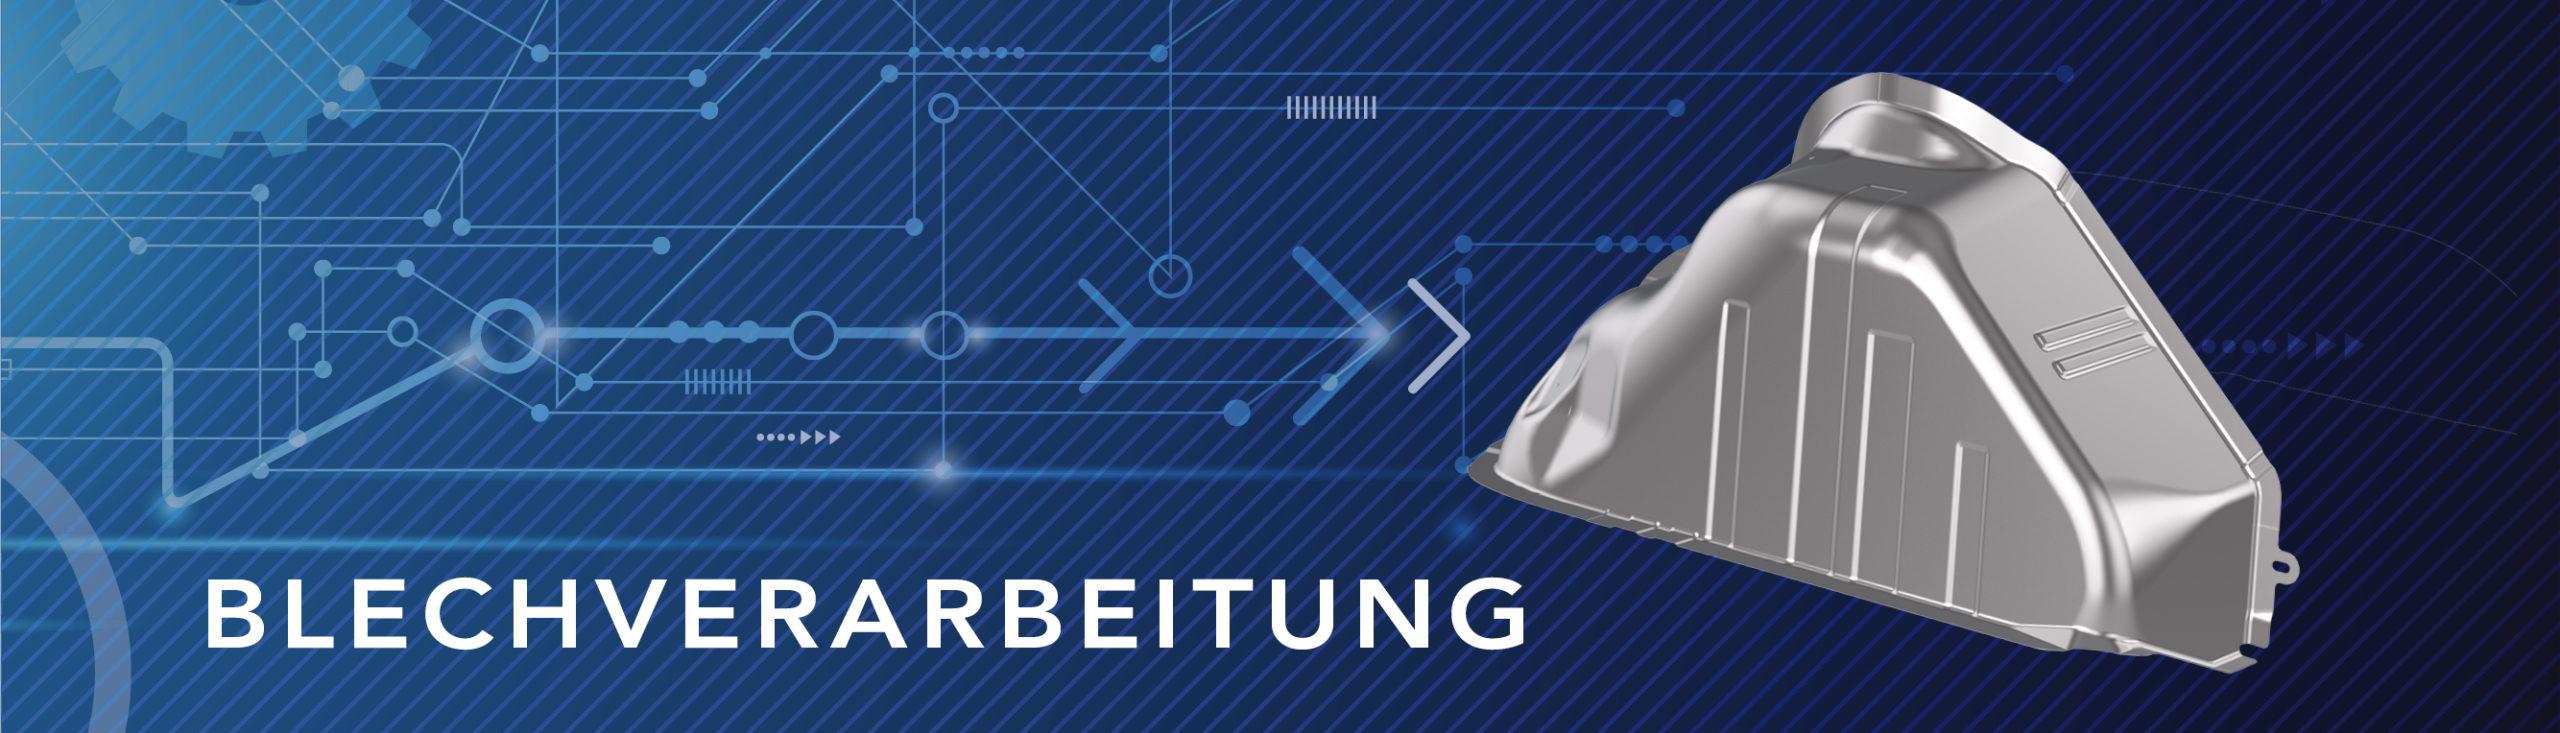 Blechverarbeitung - VNT Automotive